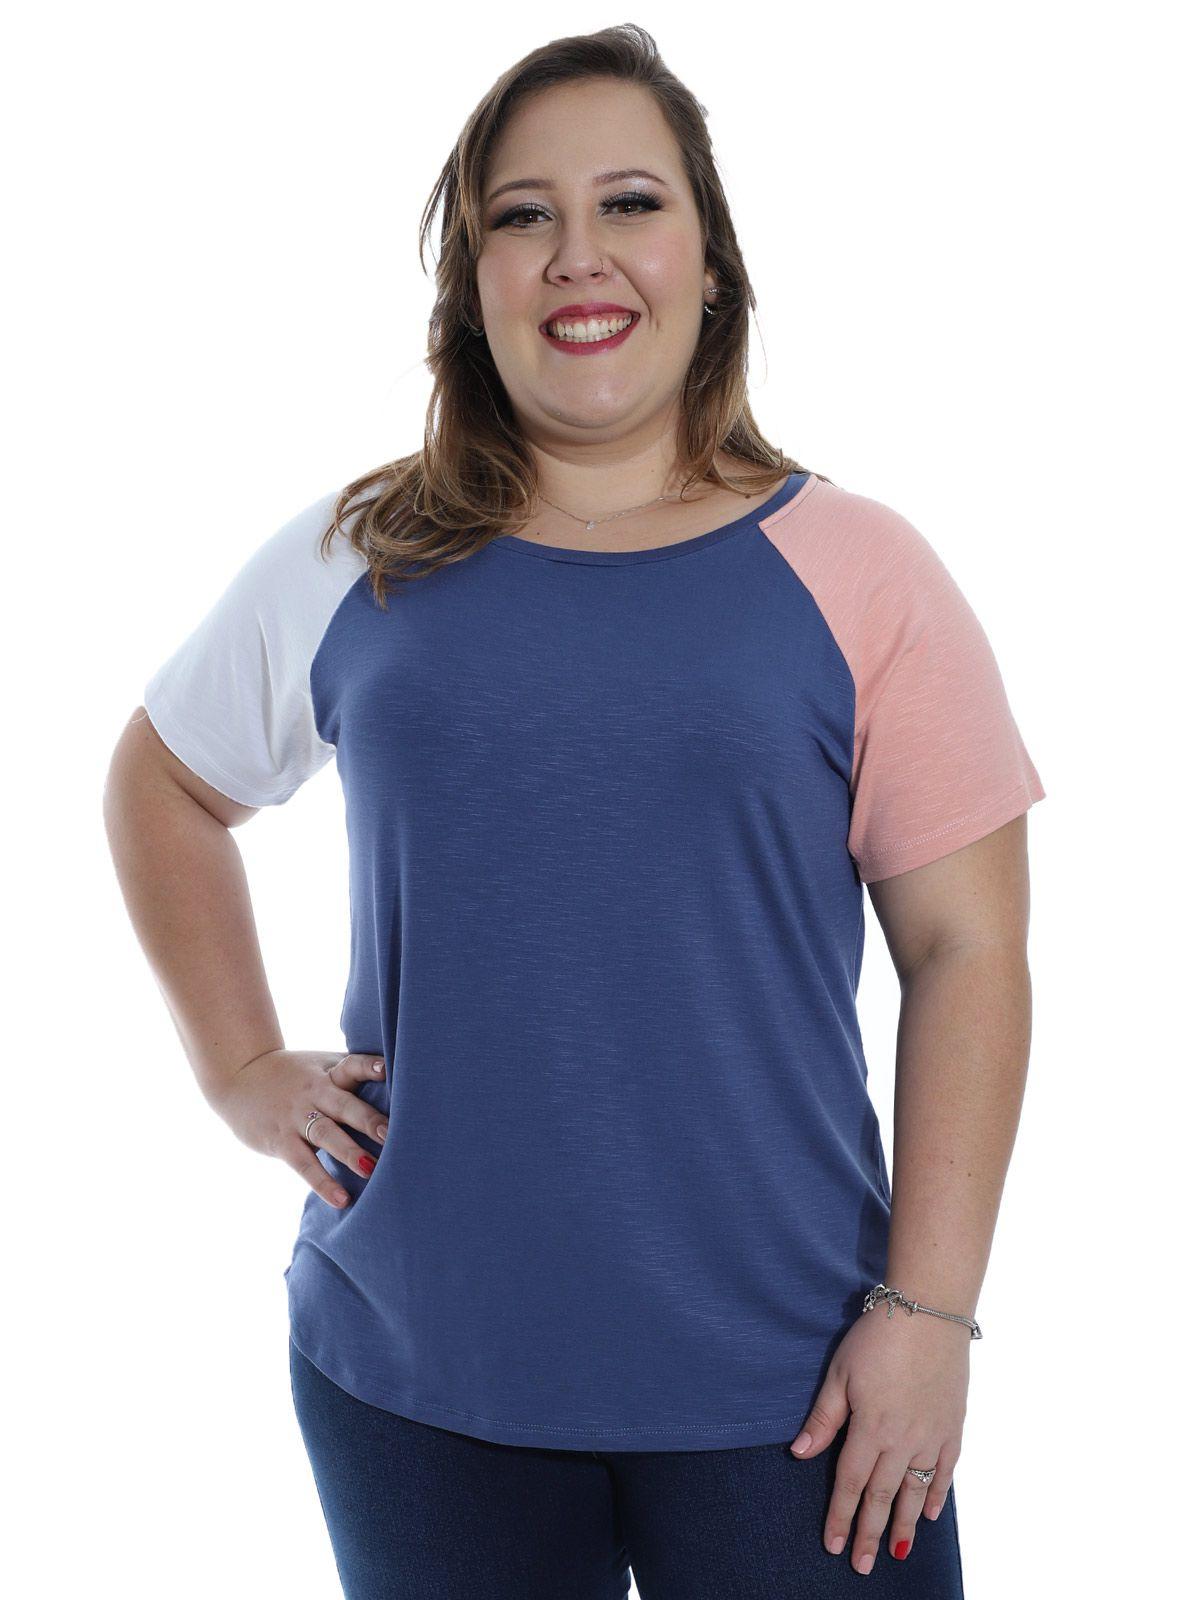 Blusa Plus Size KTS Visco Flame Colors Azul